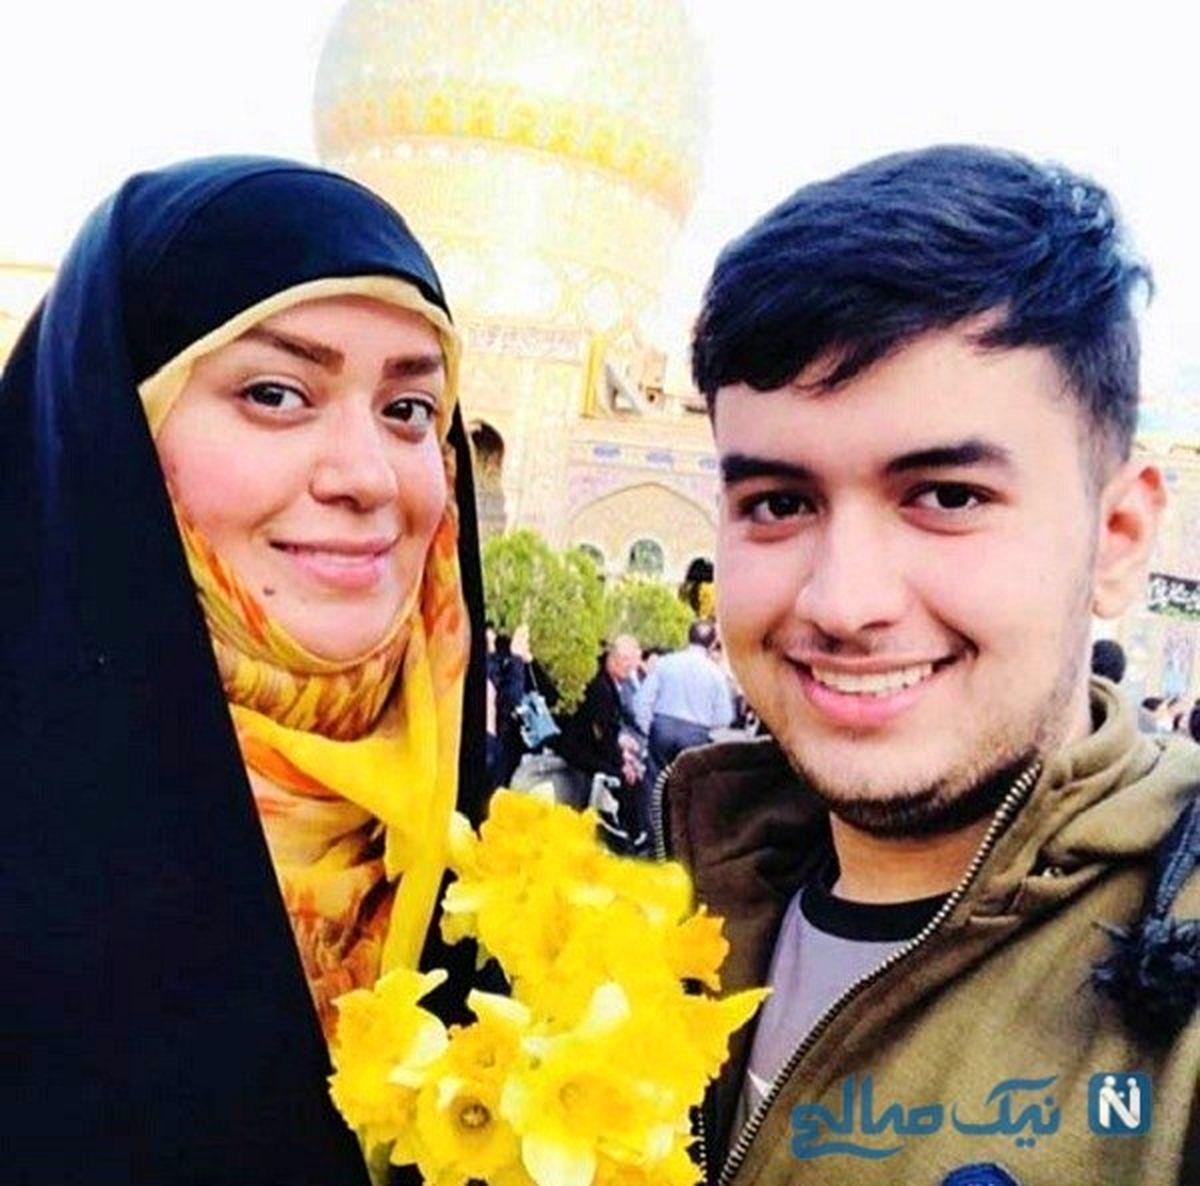 اظهار نظر جنجالی پسر الهام چرخنده درباره مادرش! +عکس همسر دومش